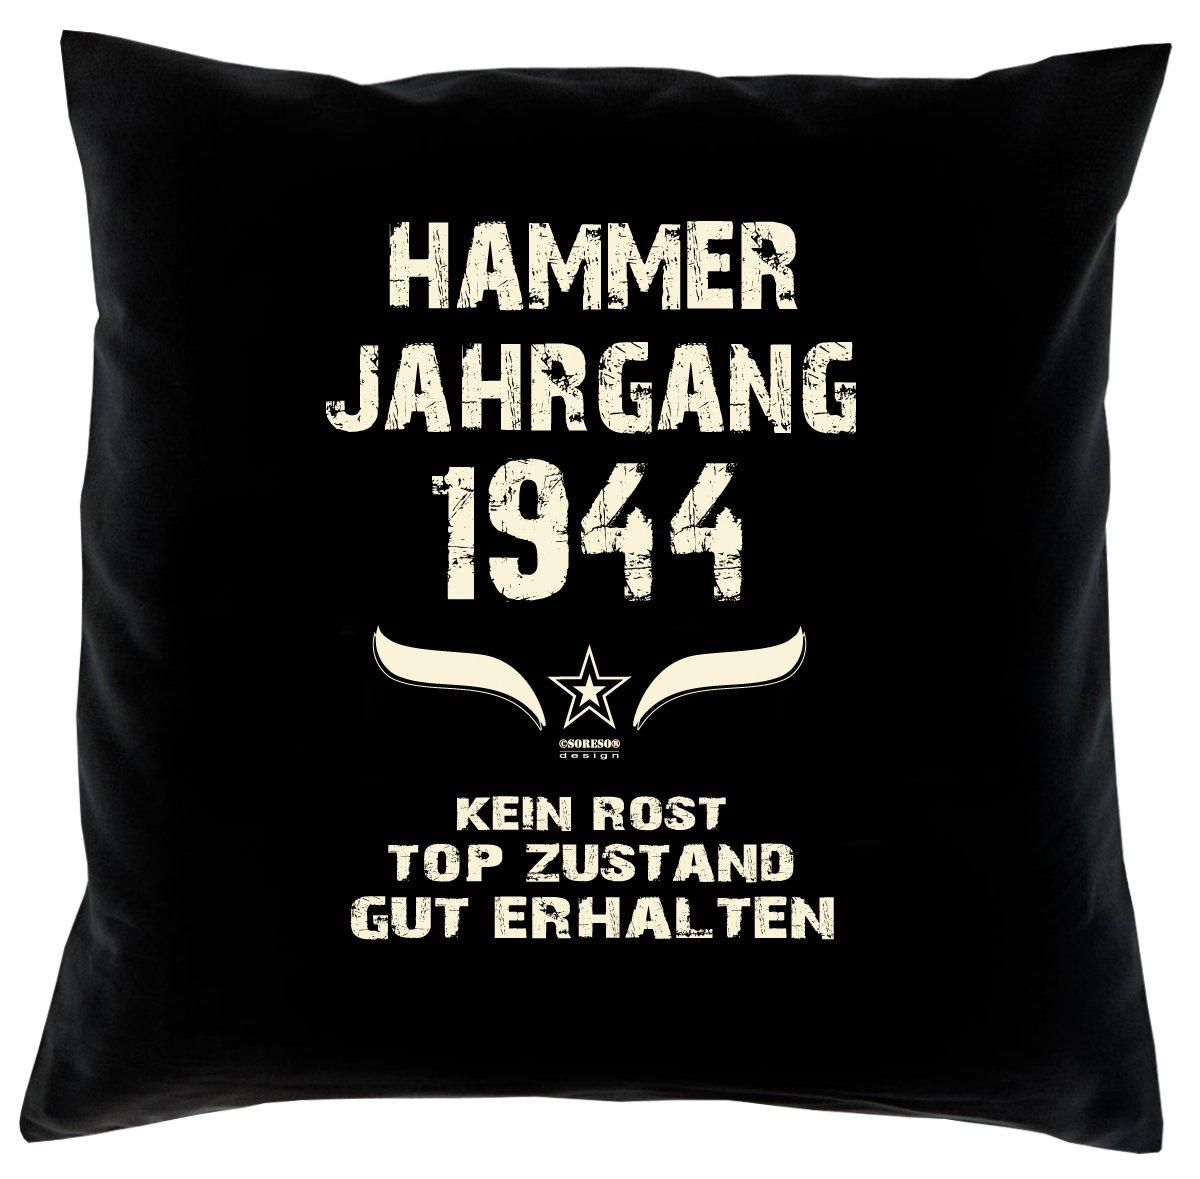 Cooles – Fun – Kissen – Sitzkissen – Zum 72. Geburtstag – Hammer Jahrgang 1944 Farbe: Schwarz – Größe: 40 x 40 cm günstig kaufen